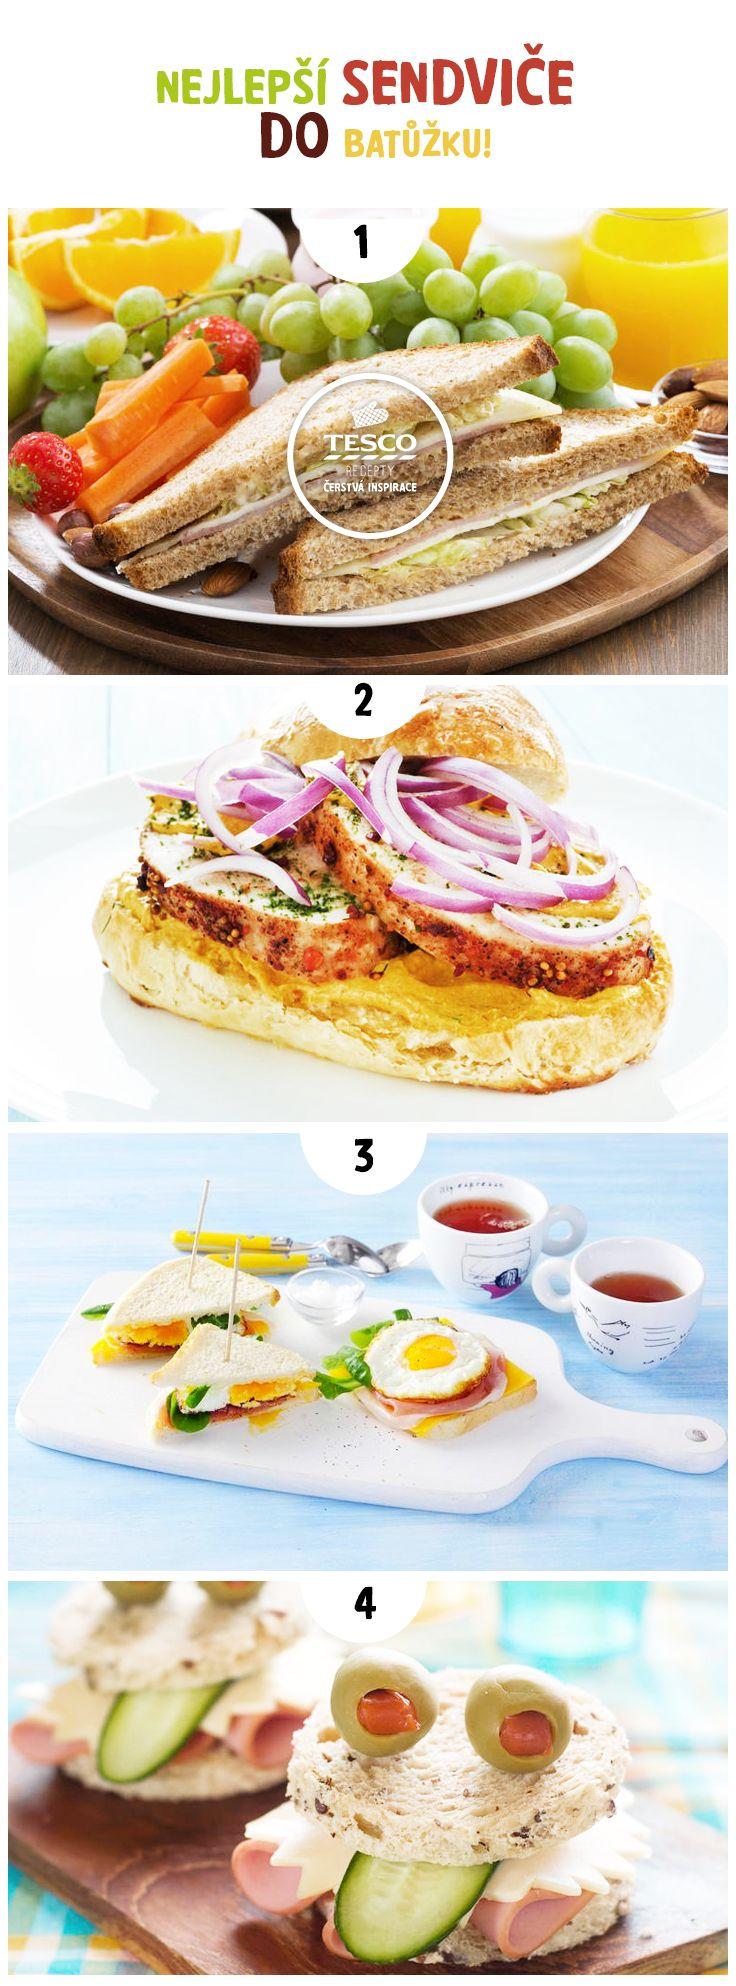 Připravte úžasné dětské sendviče do batůžku!